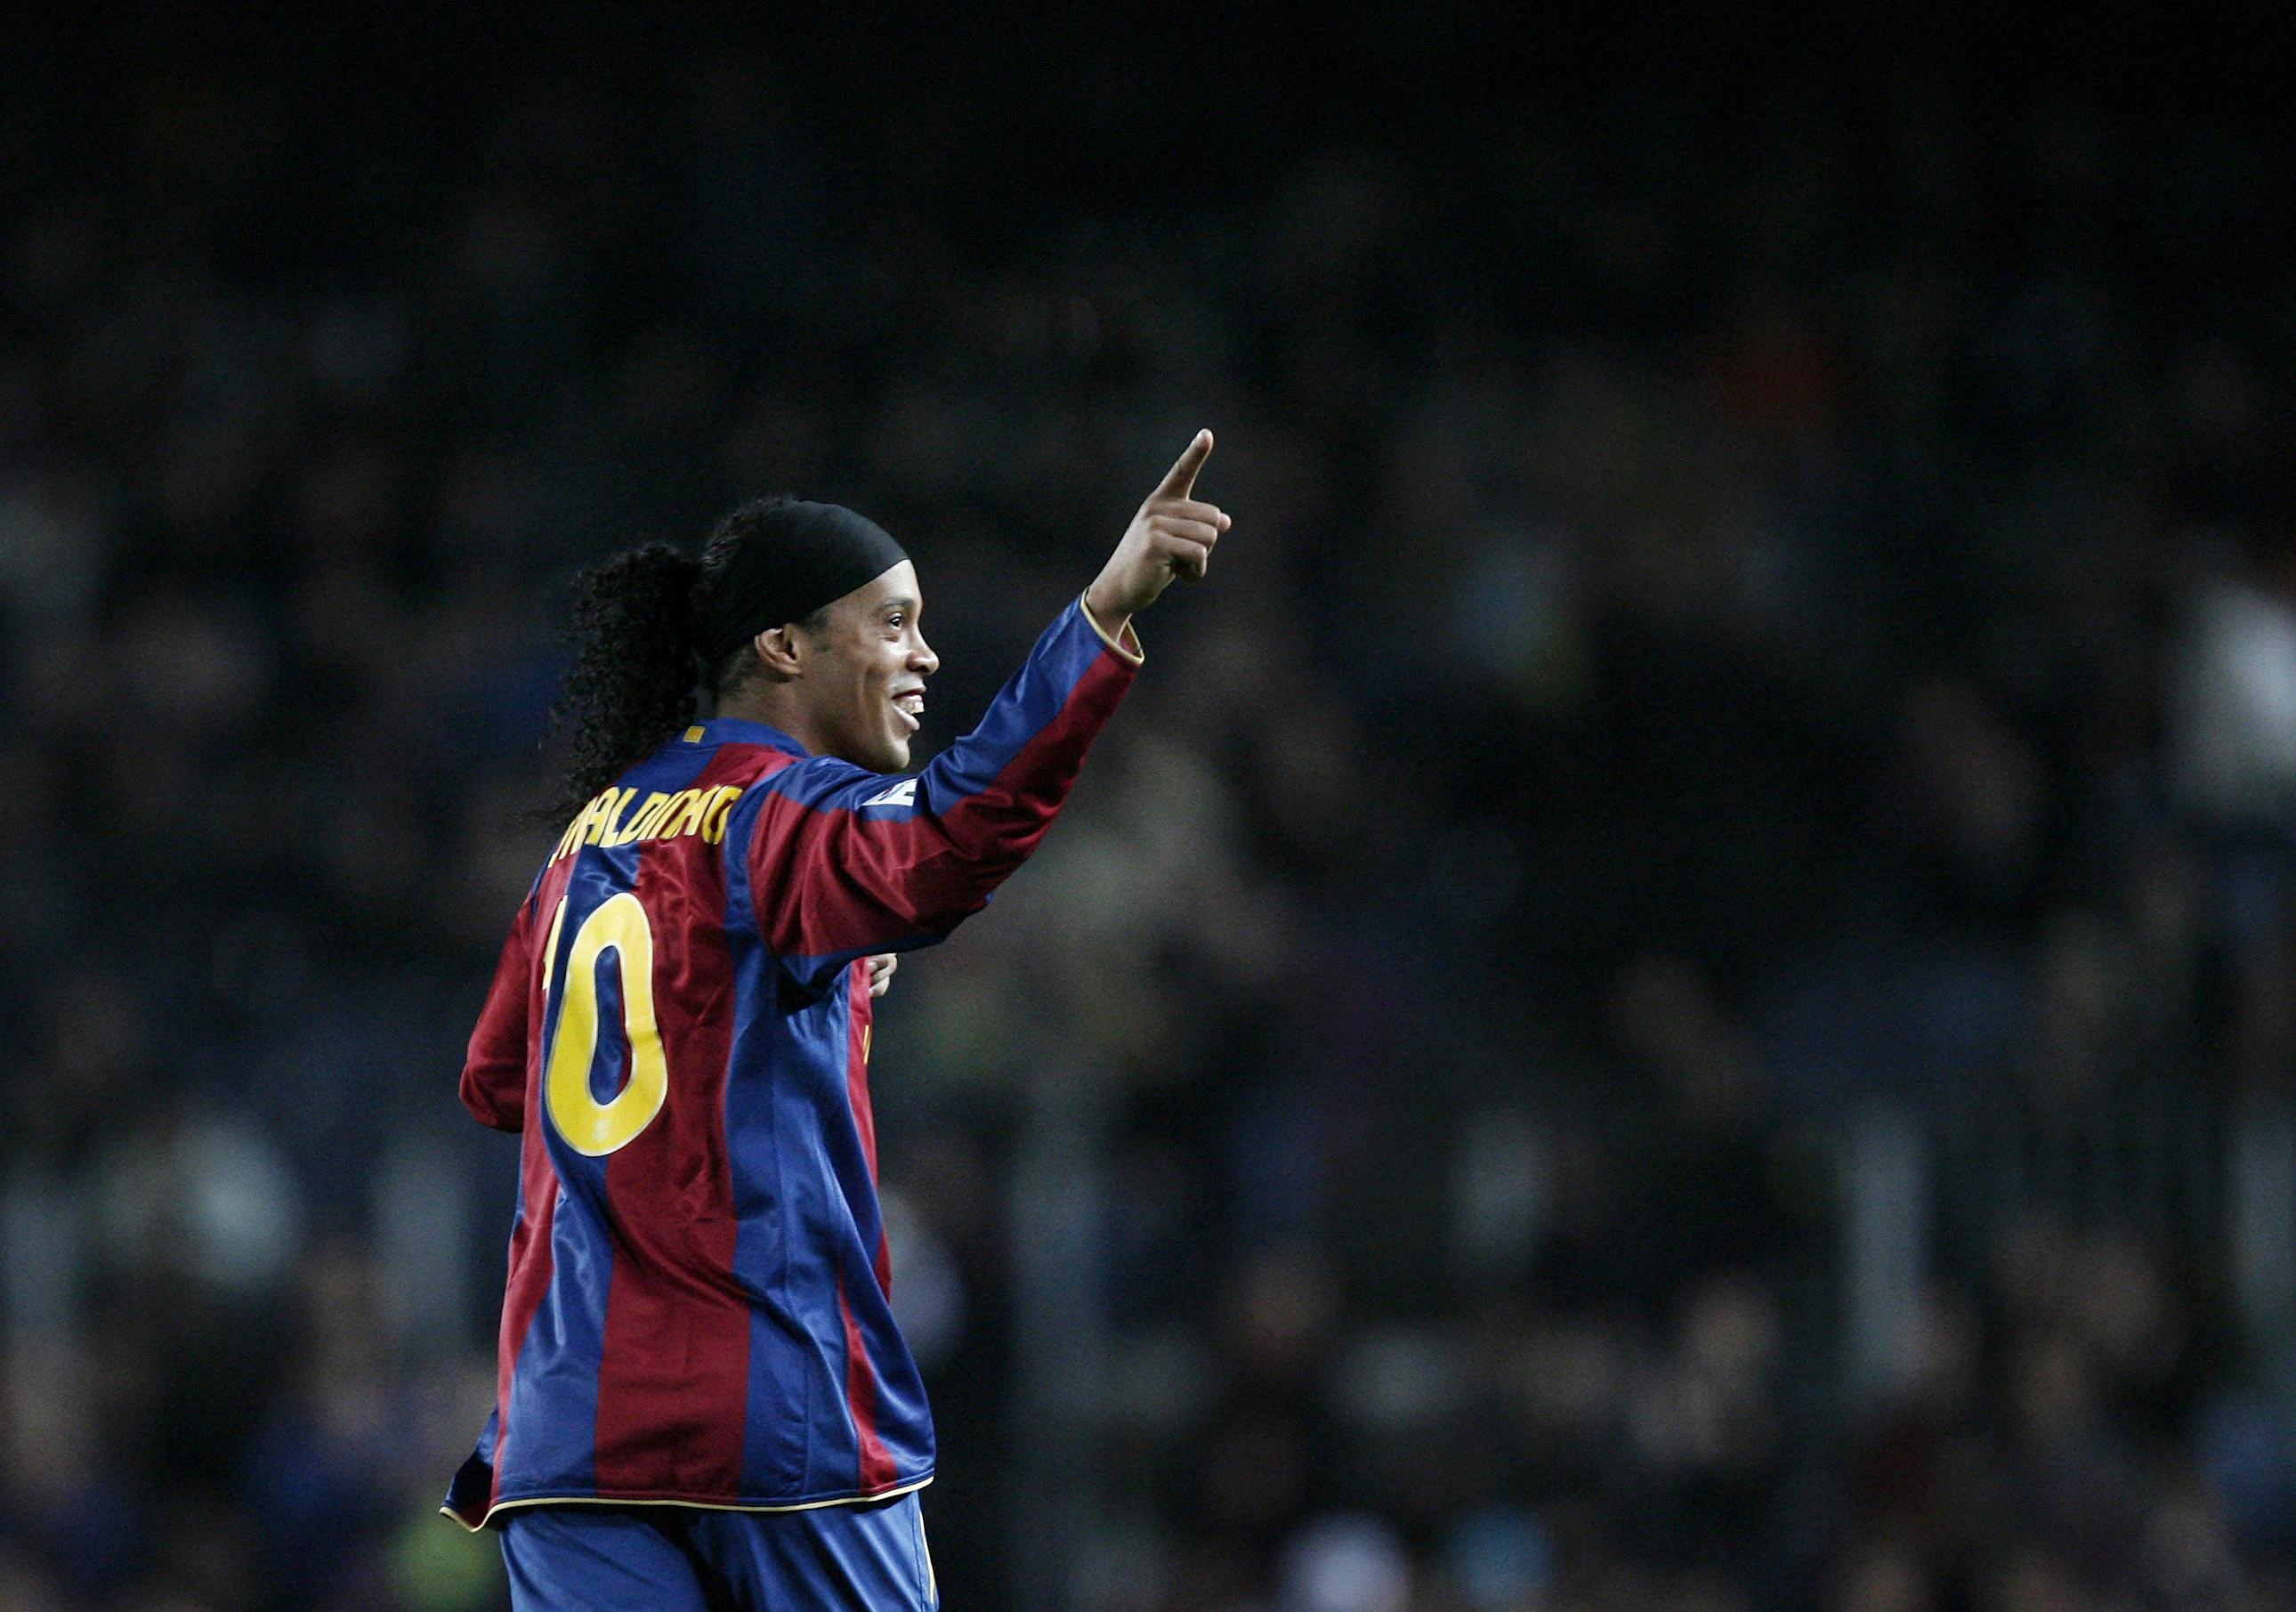 ¡VOTA! ¿Quién ha sido el mejor jugador brasileño en la historia del Barcelona?